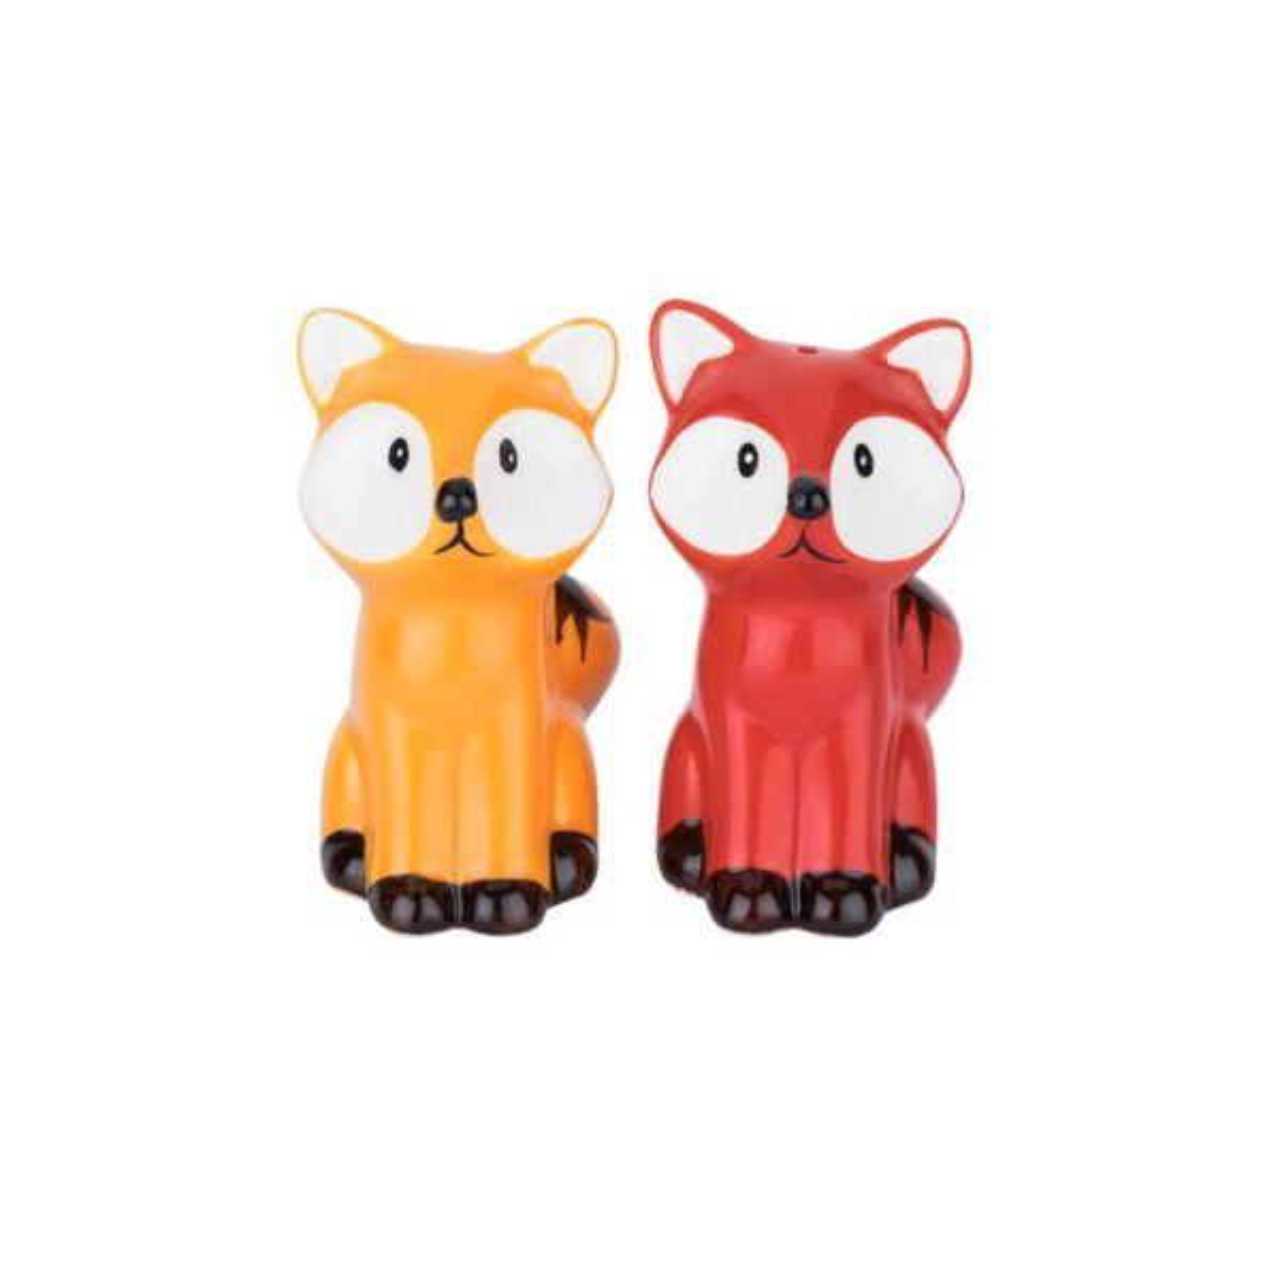 ست نمک و فلفل پاش تانتی تونی مدل- FOX SHAPED - PEPE GDSP17005